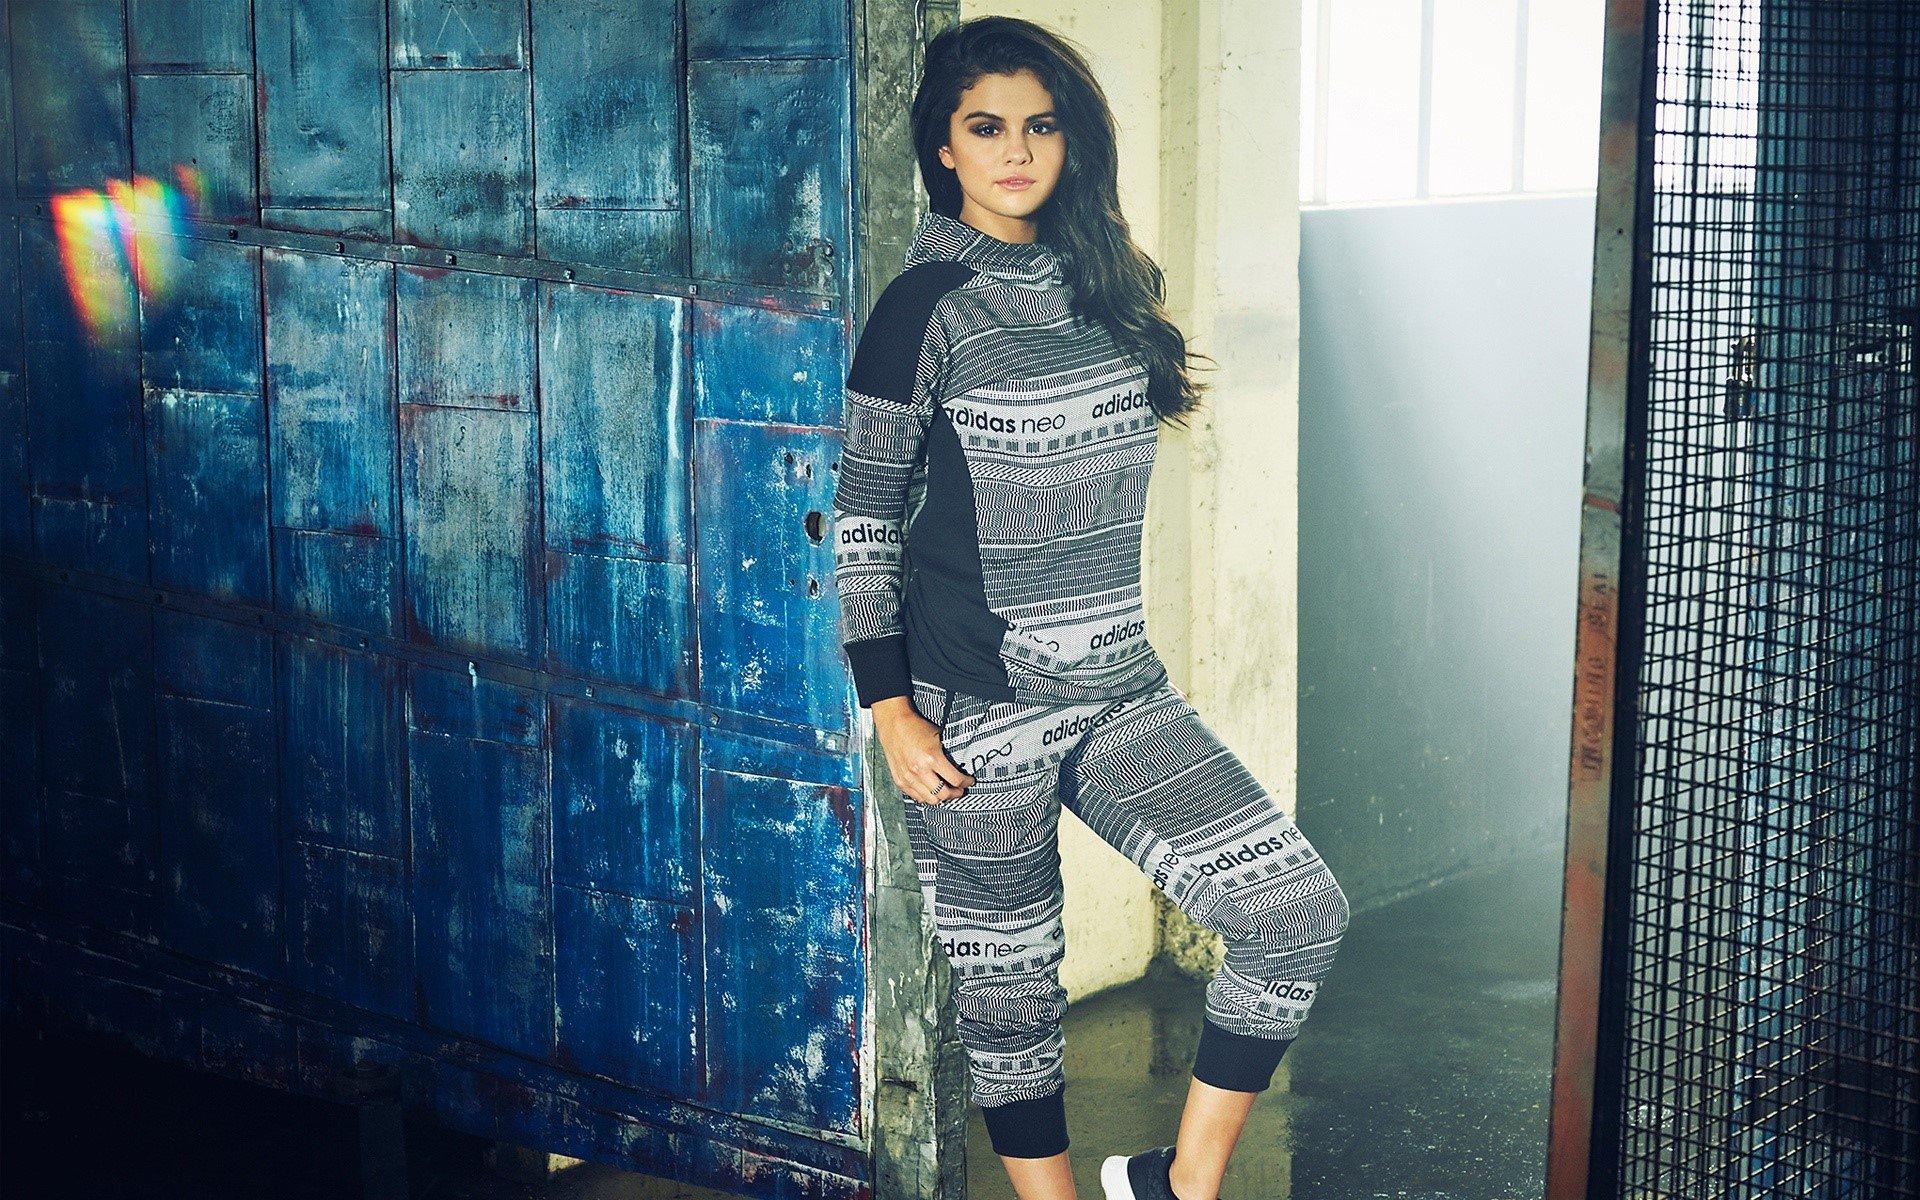 Fondos de pantalla Selena Gomez cuerpo completo